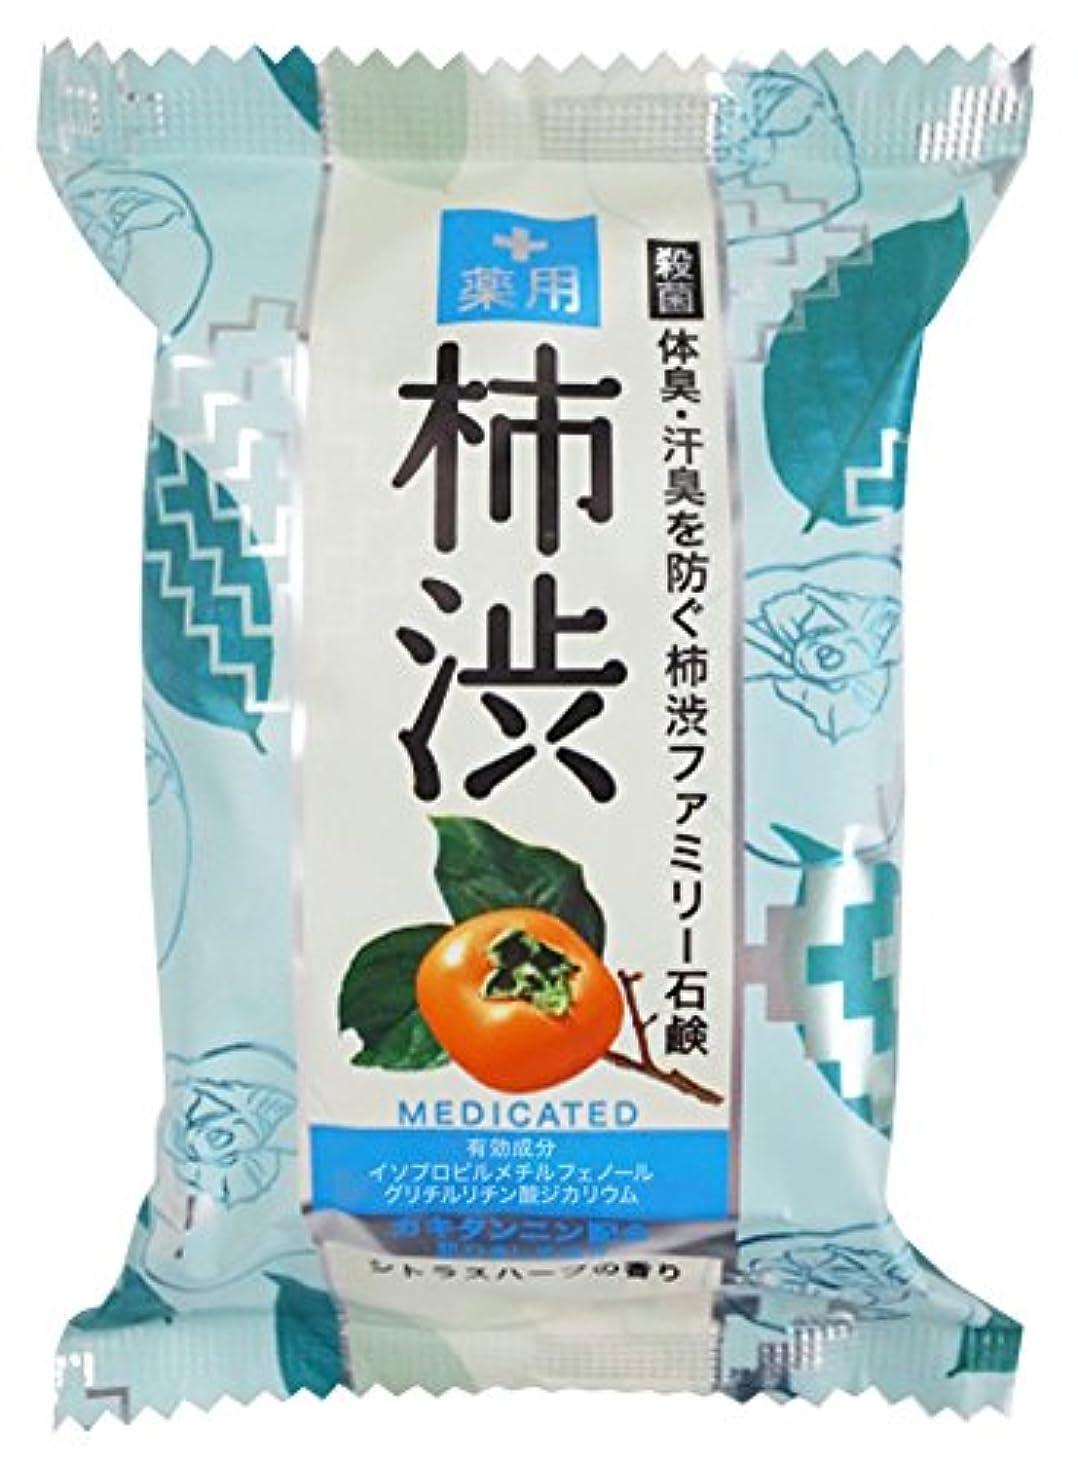 協同絶えず評議会ペリカン石鹸 薬用ファミリー柿渋石鹸